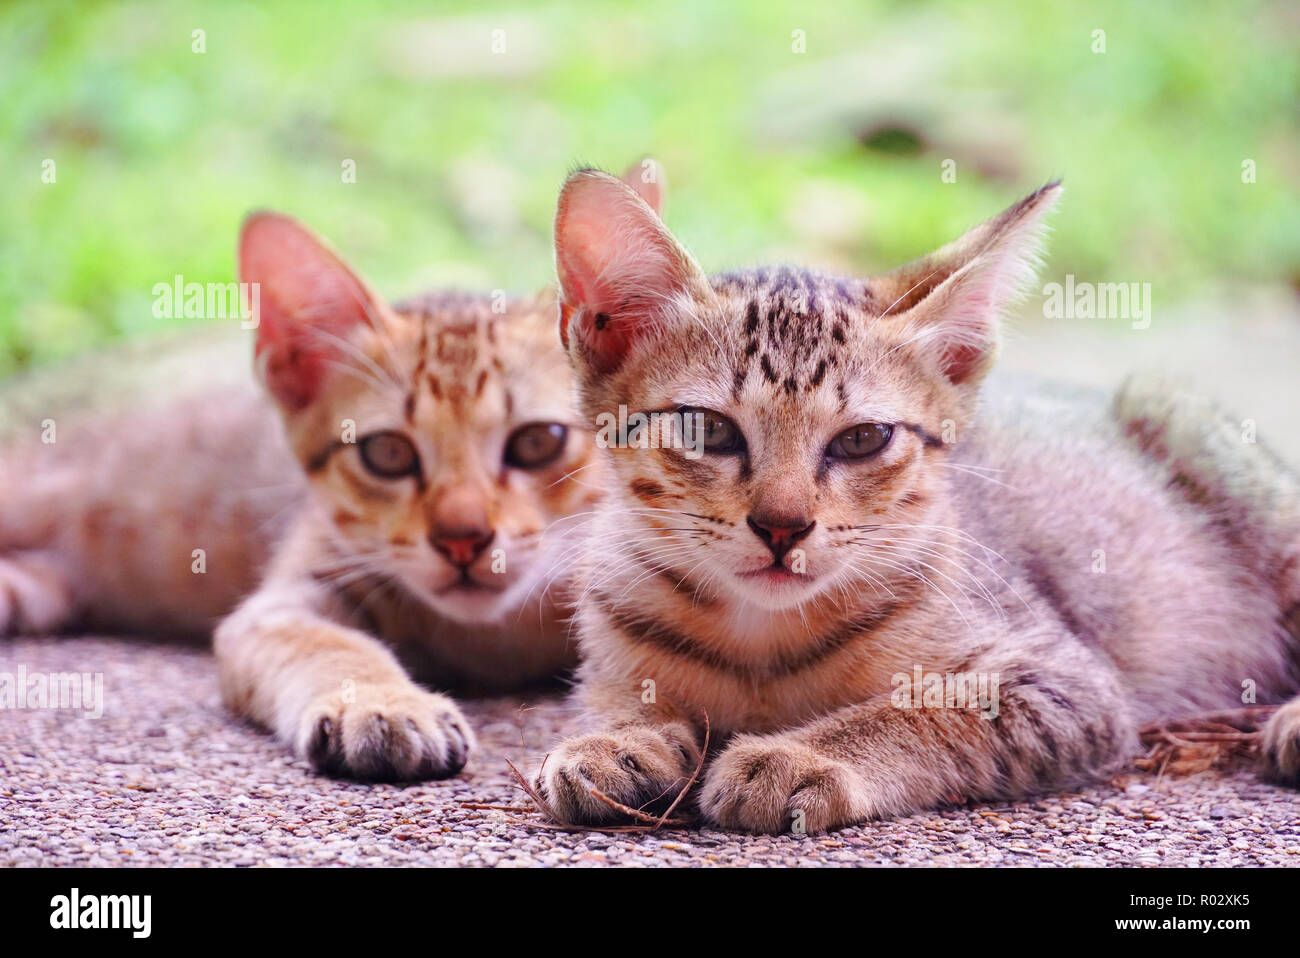 Portrait deux chatons mignons s'asseoir sur le sol Photo Stock